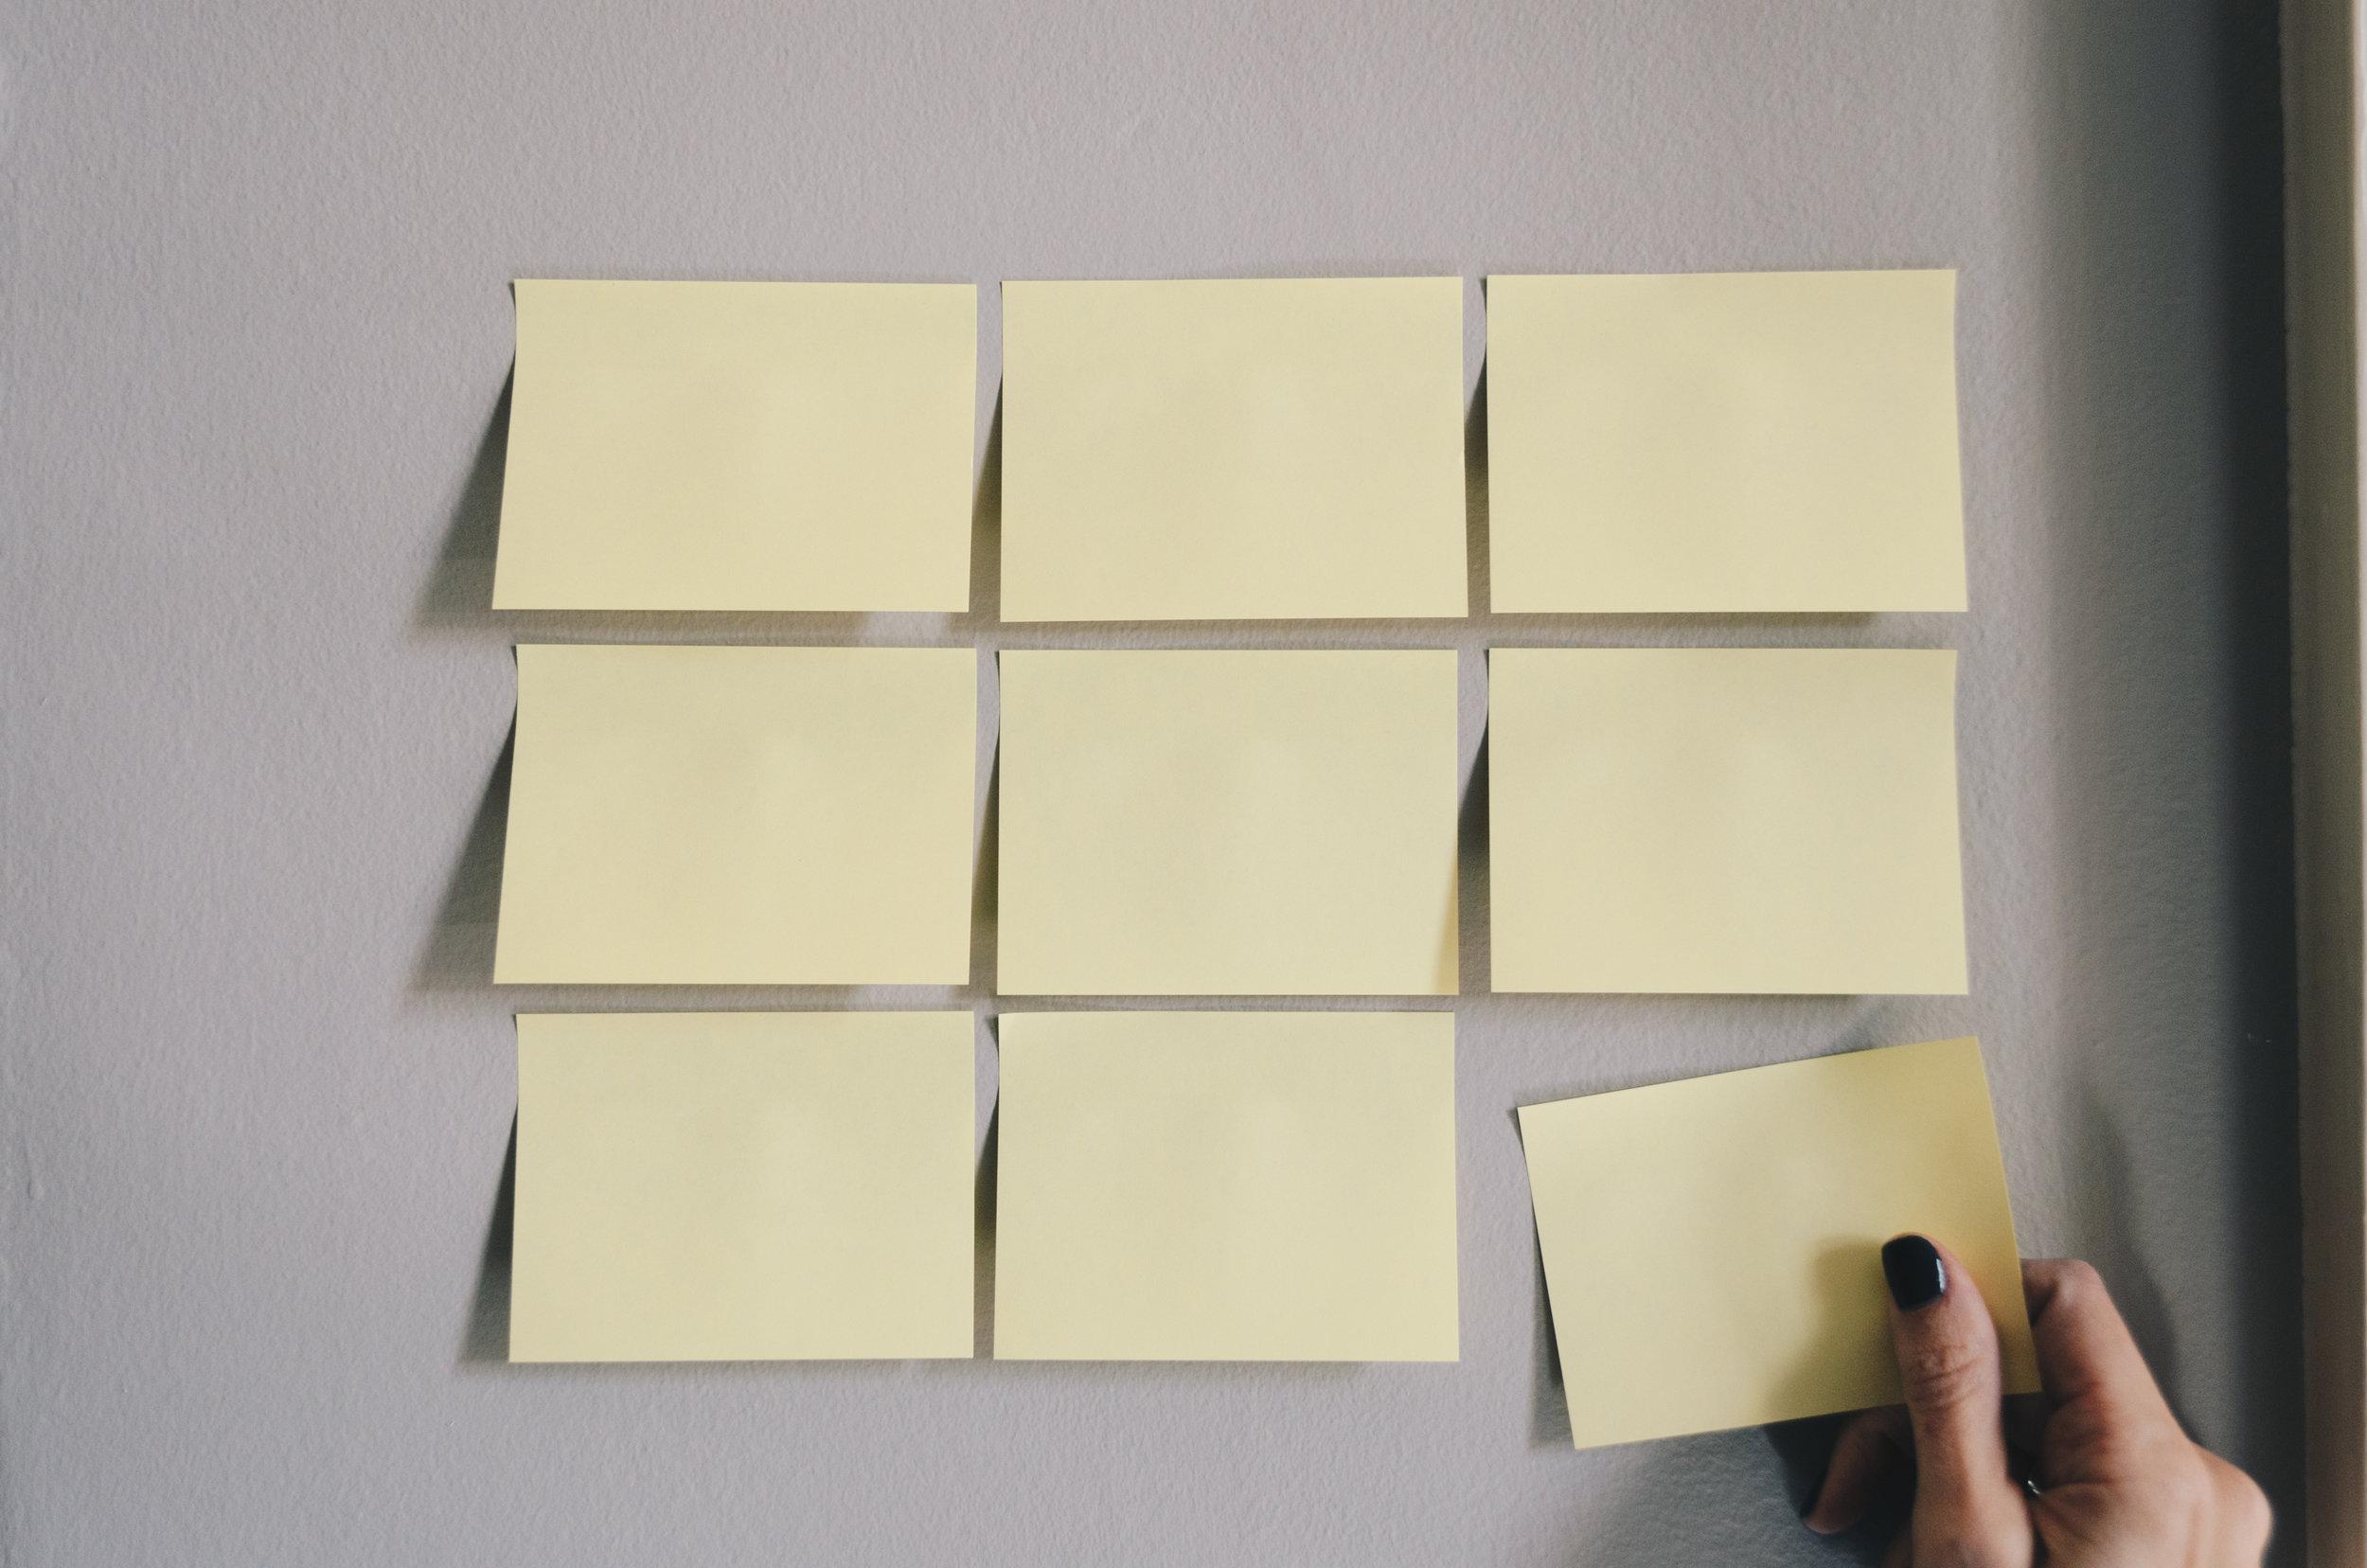 De Post-it methode - Een methode om een presentatie snel van idee naar een kernachtig concept te brengen.